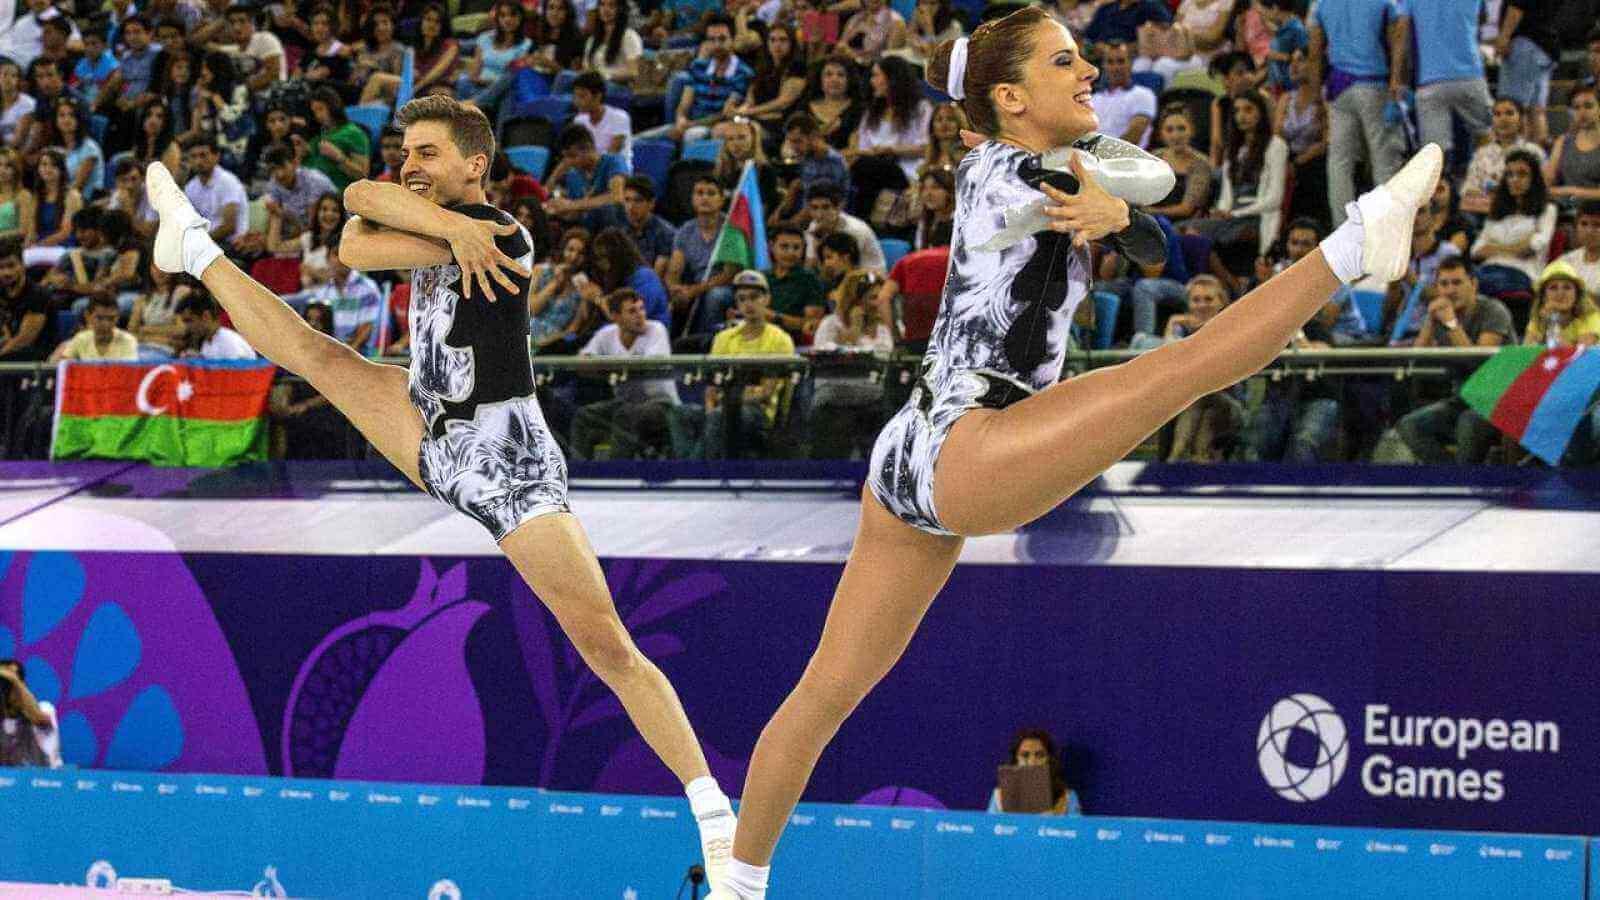 Jimnastik disiplinleri arasında son derece popüler olanlar var.